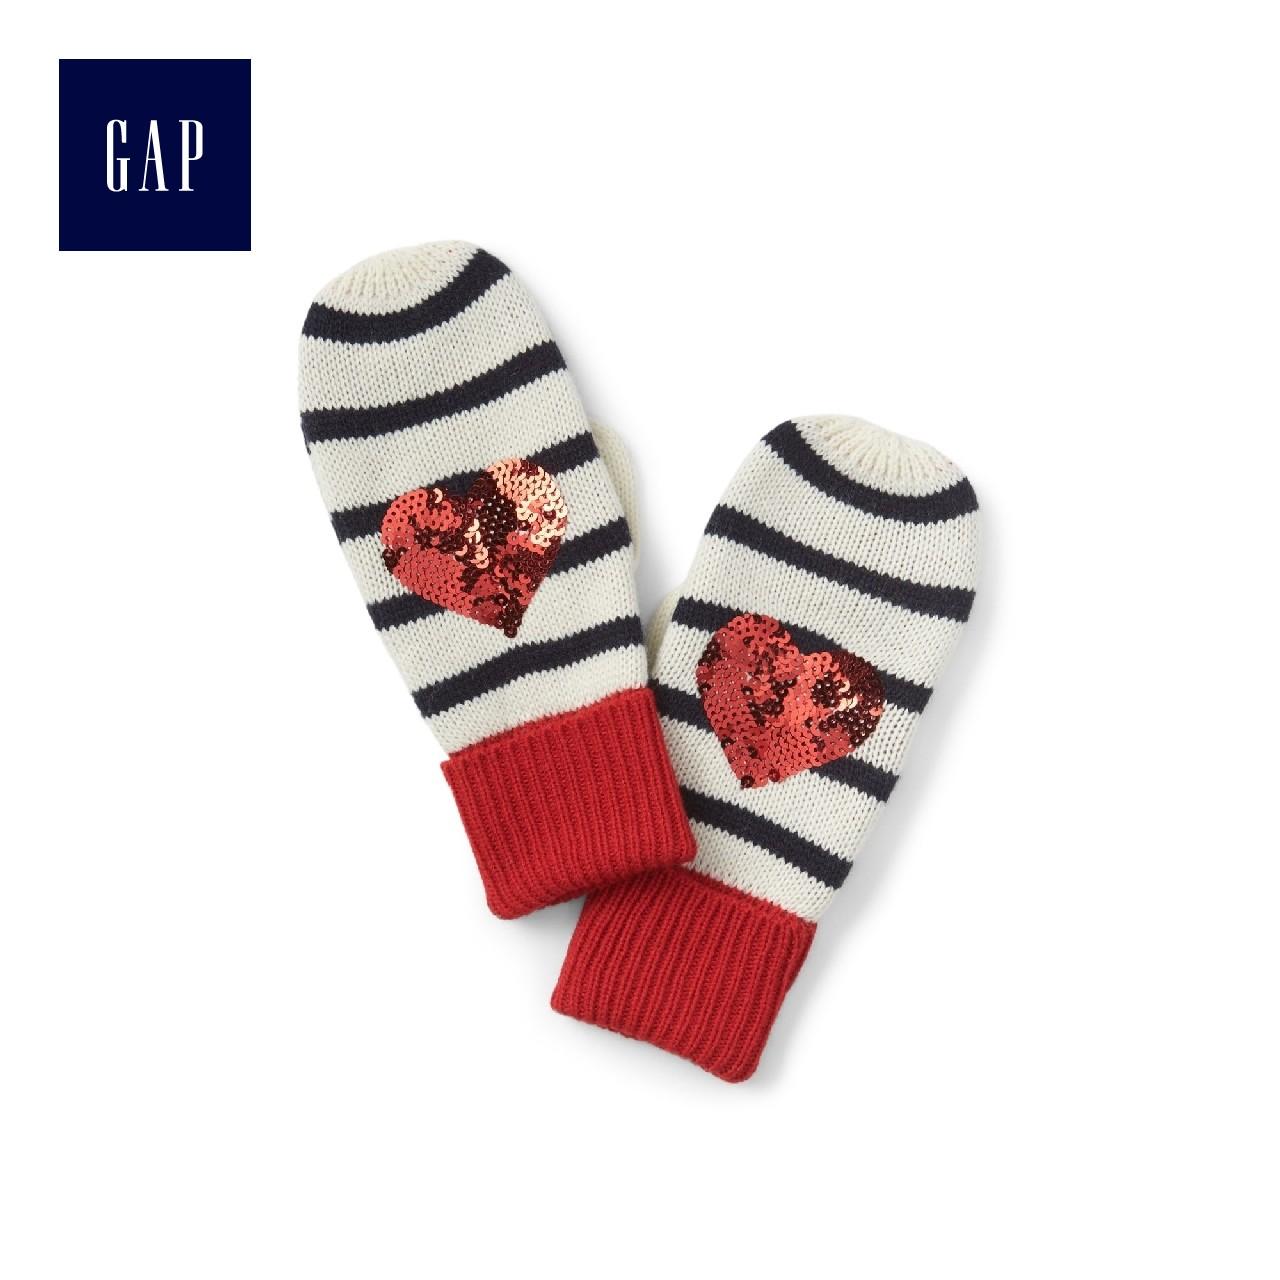 Gap девочки уютный блестки украшенный украшения любовь шаблон варежки перчатки 924655